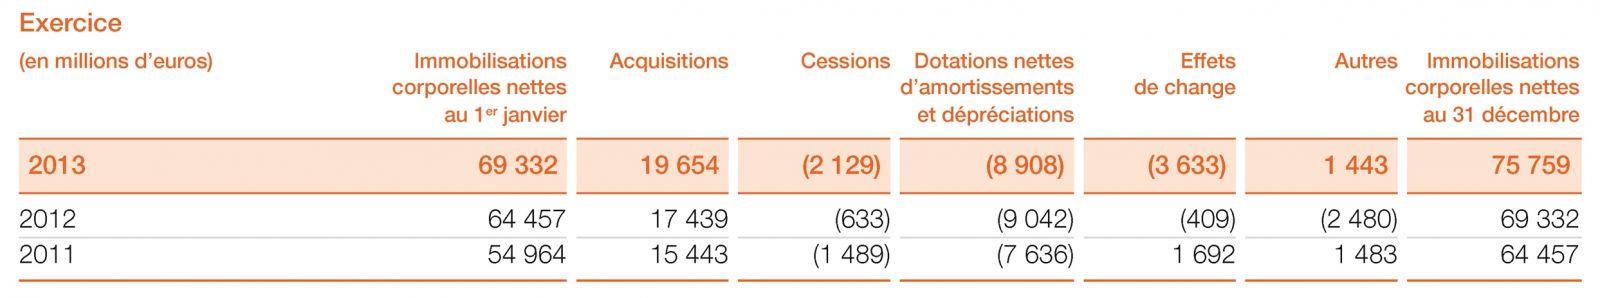 11 Immobilisations Corporelles Annexe Aux Comptes Consolides Comptes Consolides Document De Reference 2013